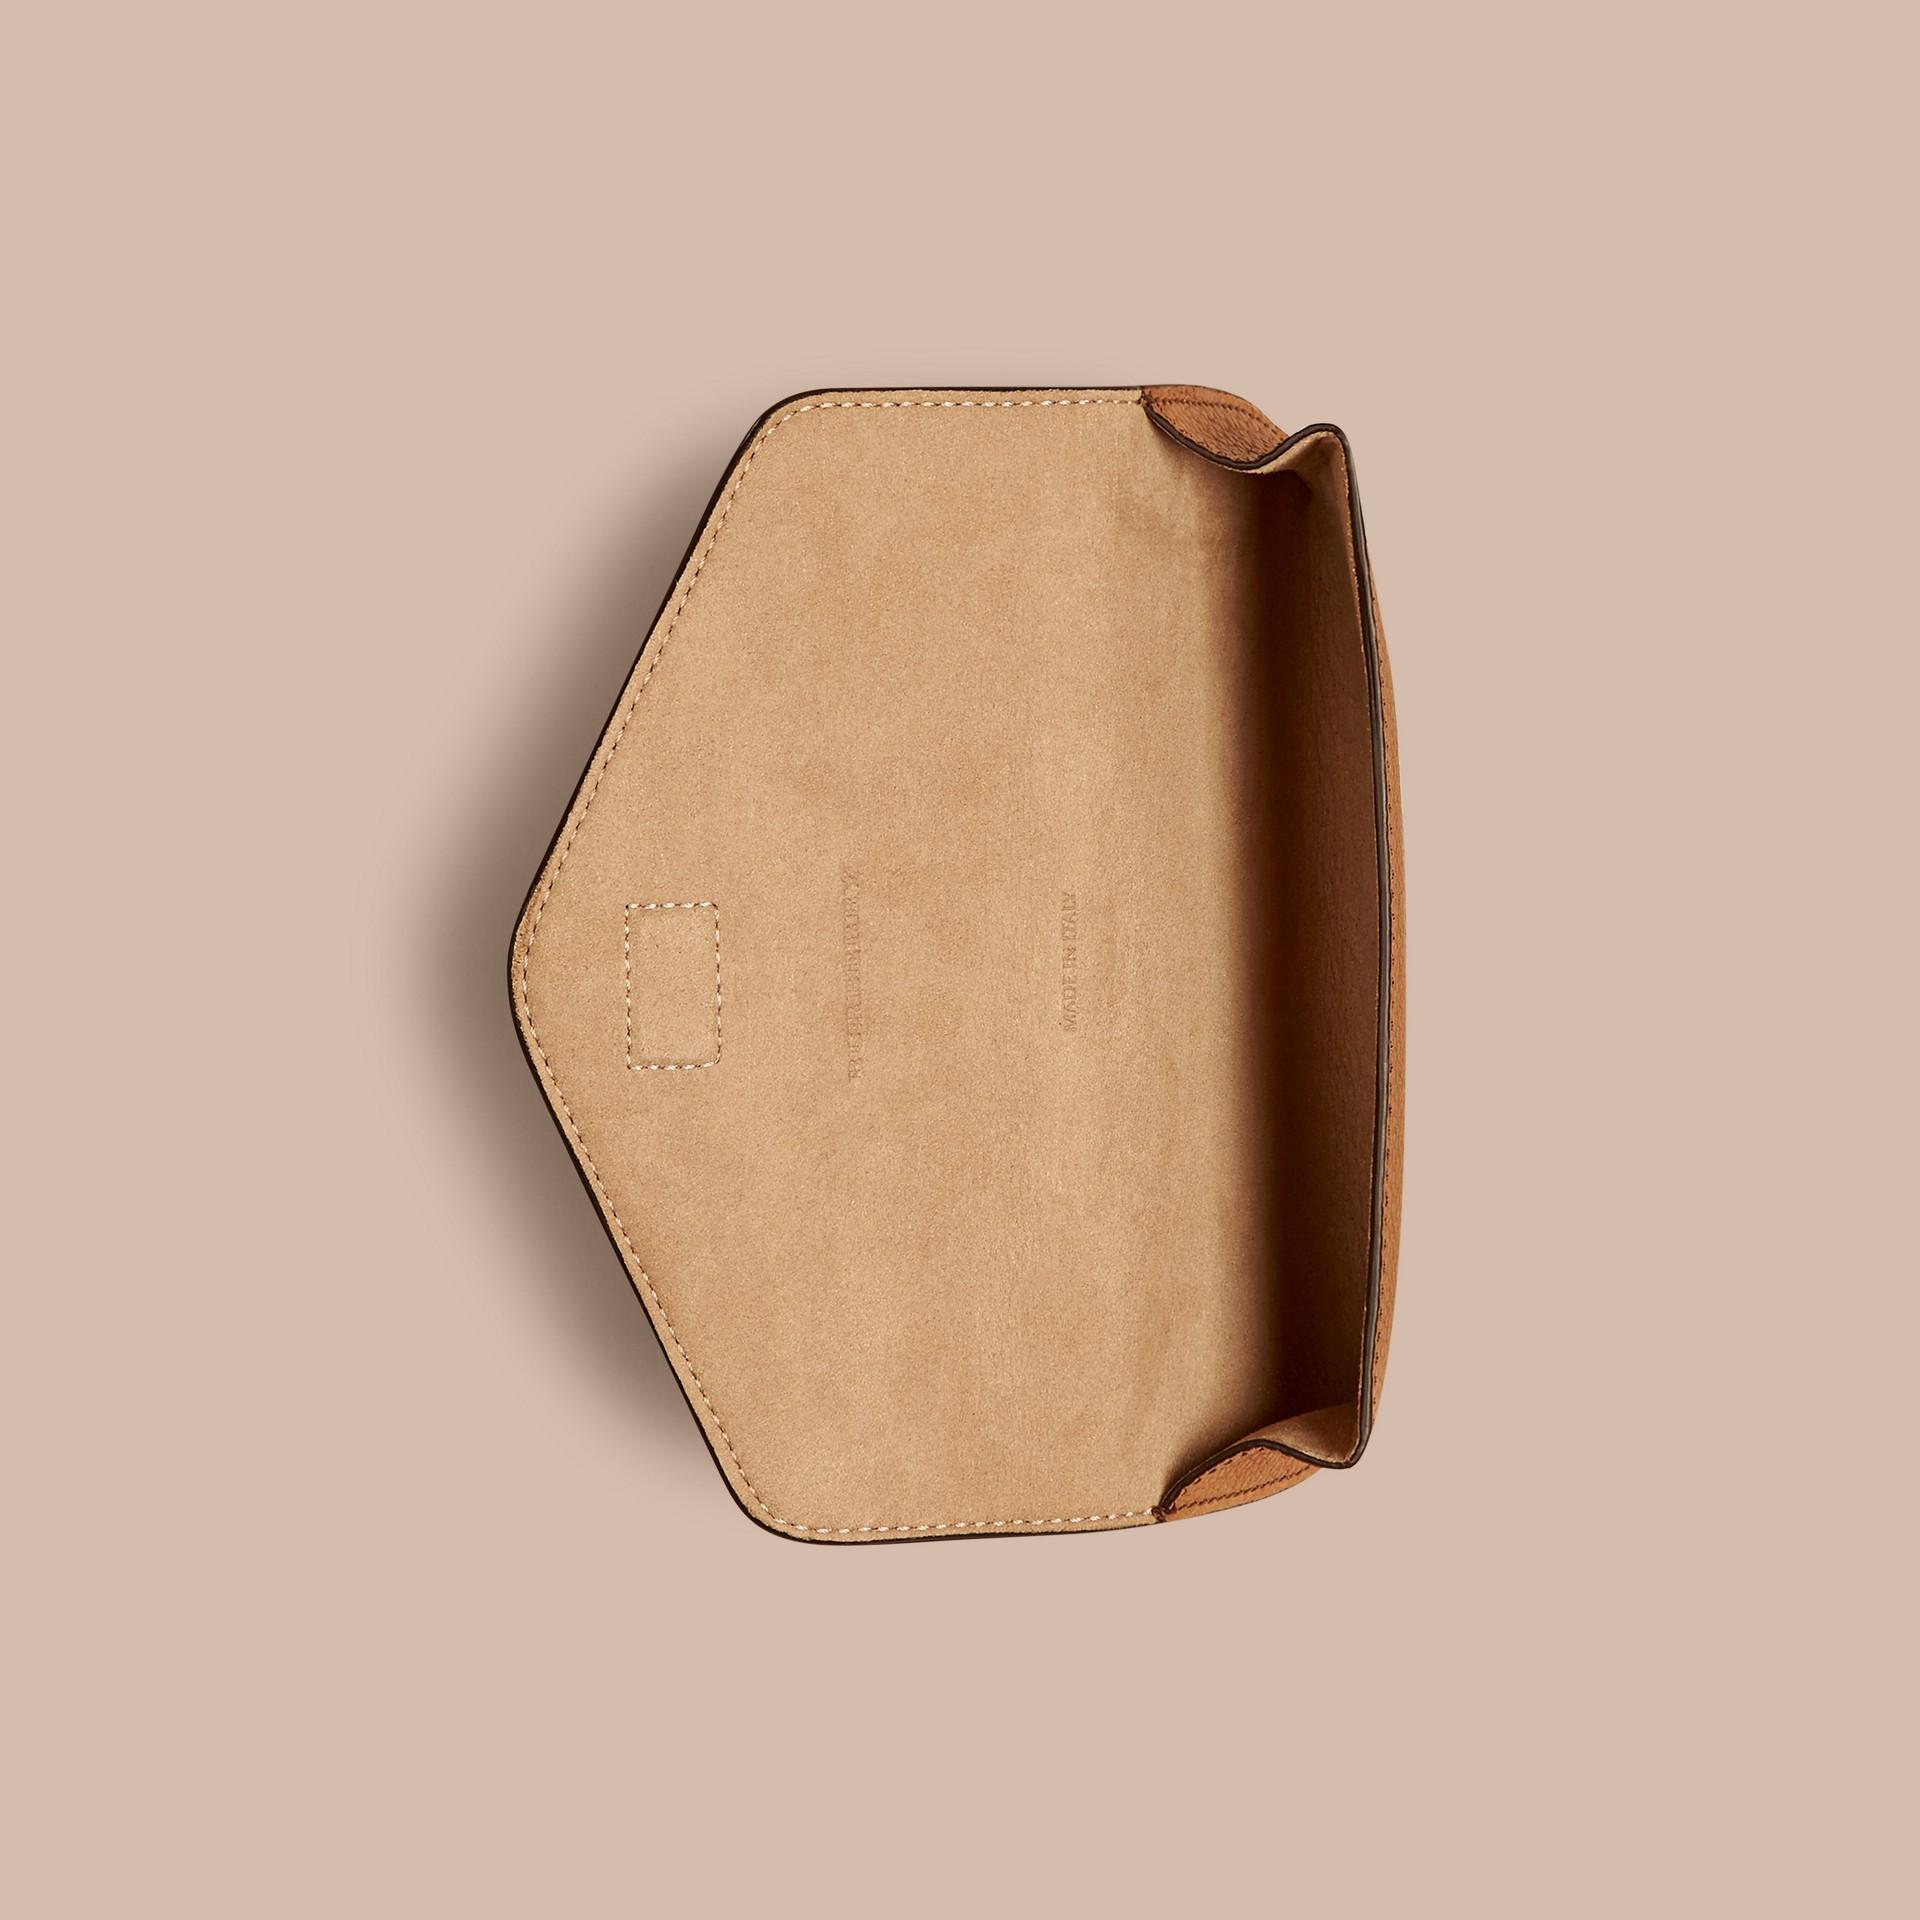 Hâle Étui à lunettes en cuir grené Hâle - photo de la galerie 3